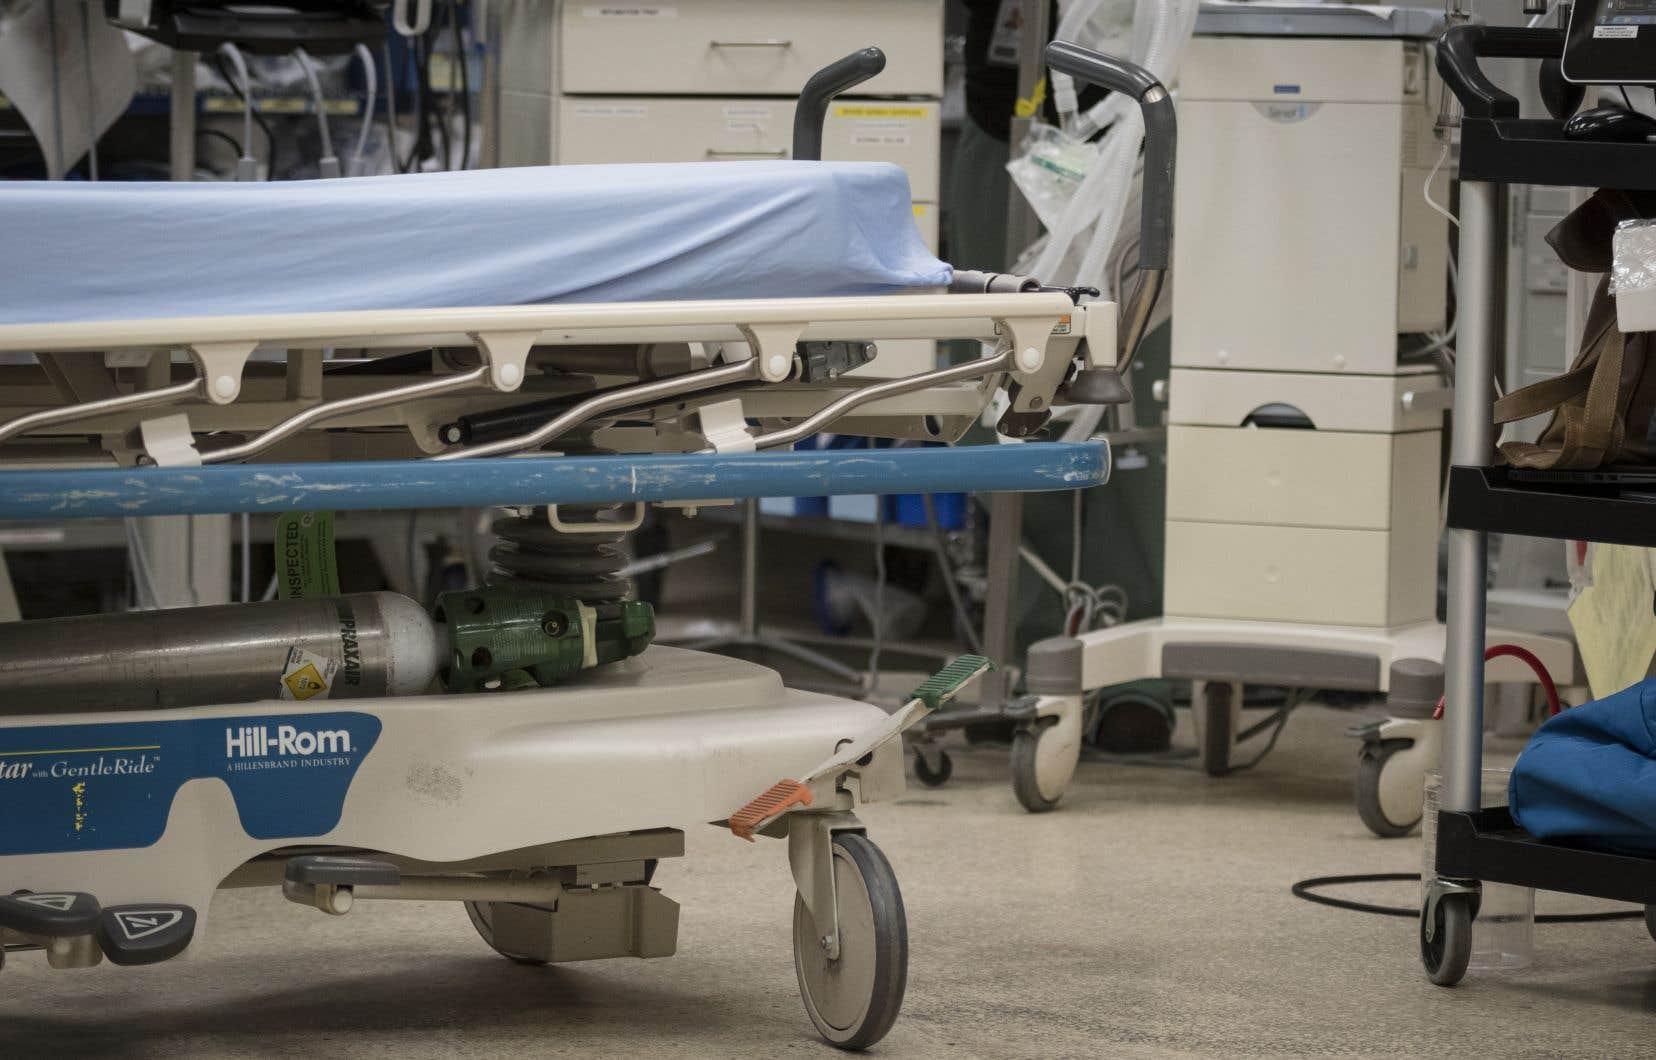 Deux des principaux fournisseurs d'équipements médicaux du Québec assurent que des mécanismes ont été mis en place pour garantir la disponibilité des fournitures nécessaires en cas d'urgence.